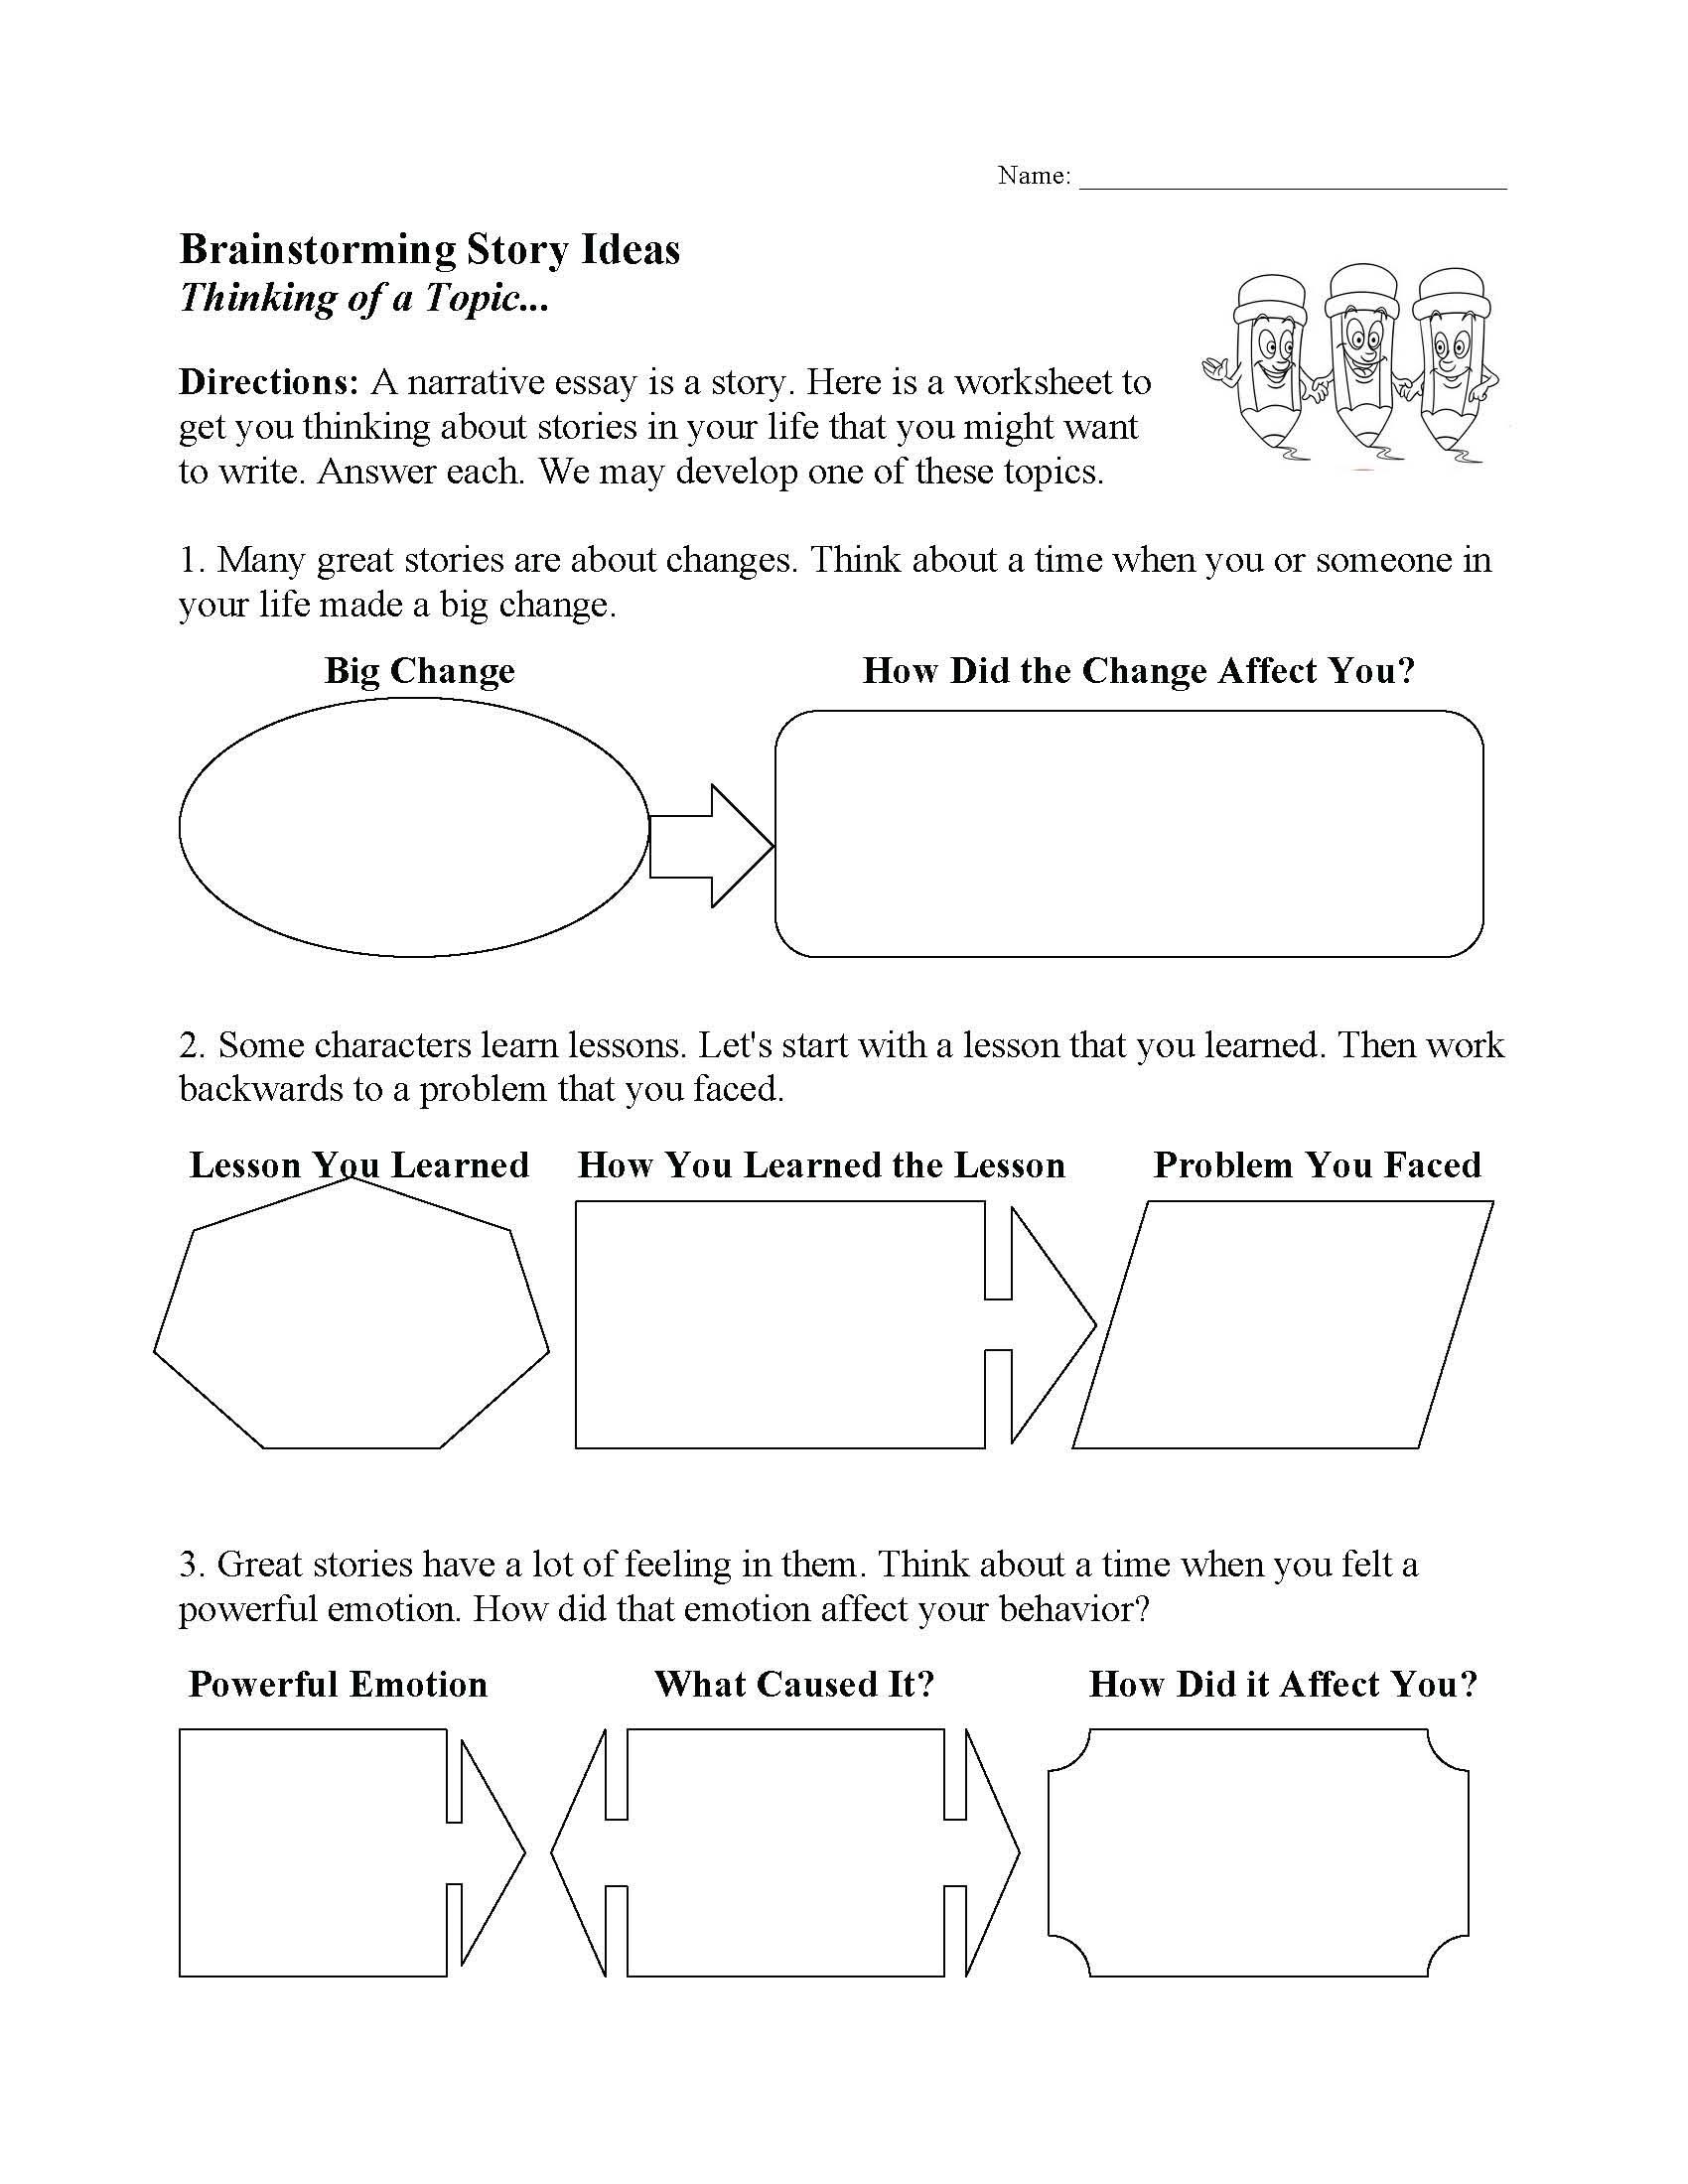 Brainstorming Story Ideas Worksheet